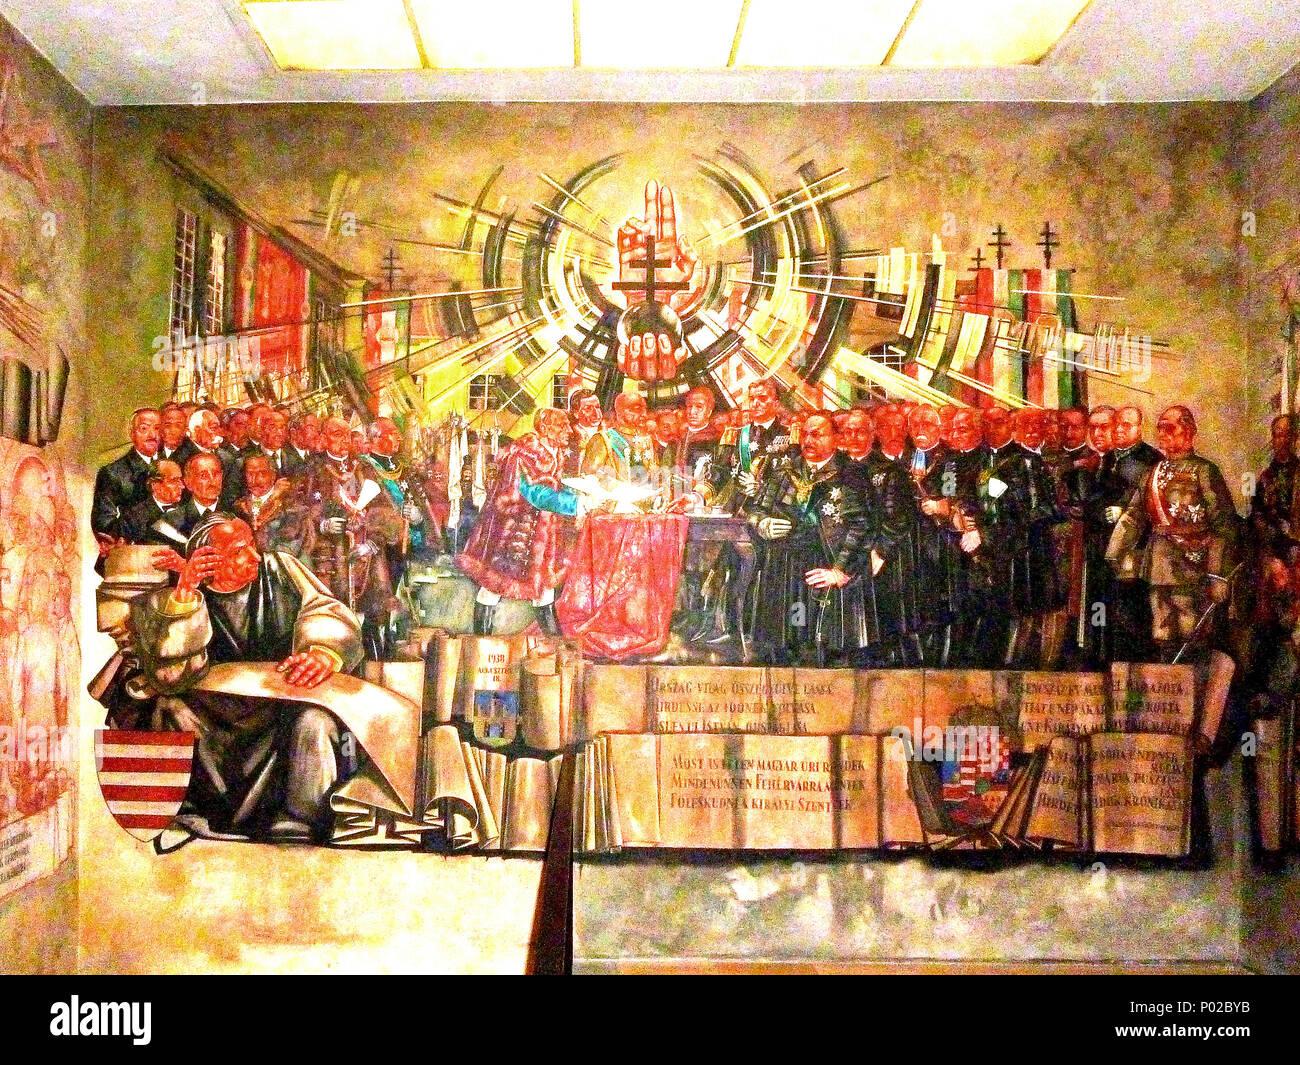 . Az Országgyűlés 1938. augusztus 18-án – Szent István halálának 900. évfordulóján – Székesfehérváron meghozott törvénnyel (1938. évi XXIV. törvény) emelte állami ünnep rangjára Szent István ünnepét. Az alkotás az ünnepi év eseményeit mutatja be.  . 1941 6 ABANOVAK 458 KT - Stock Image